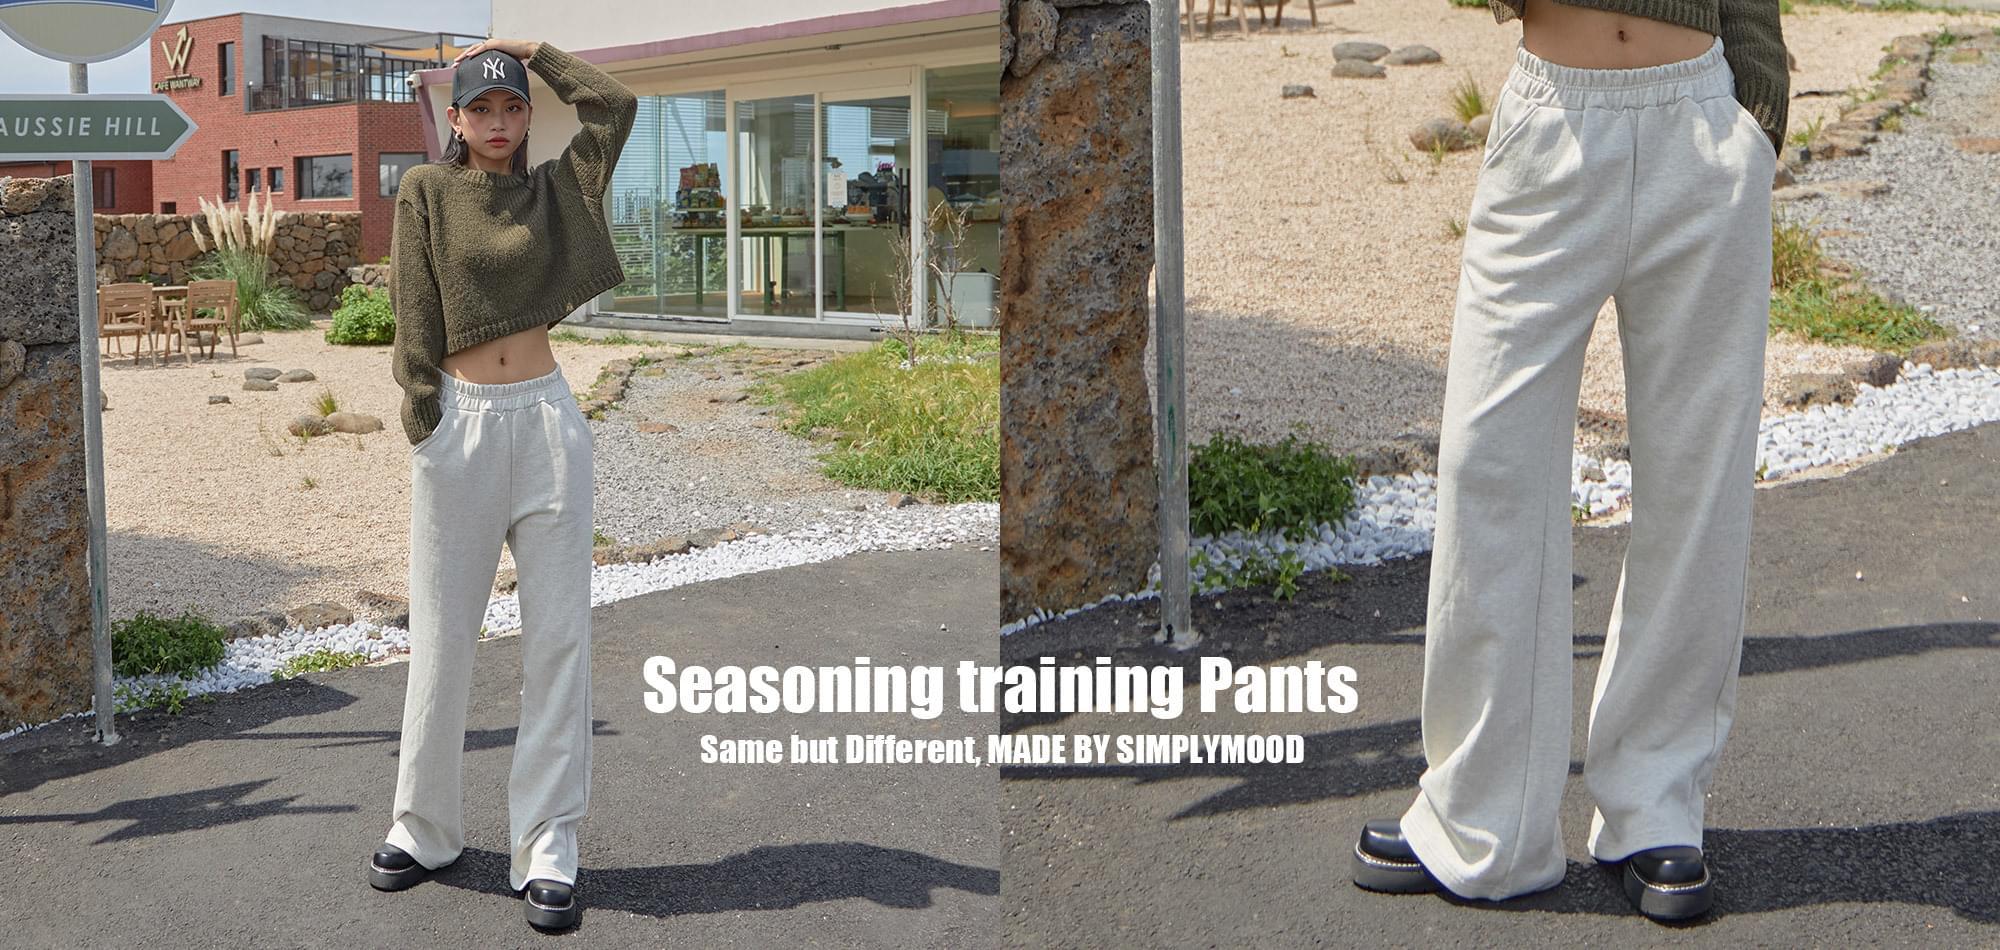 season training pants